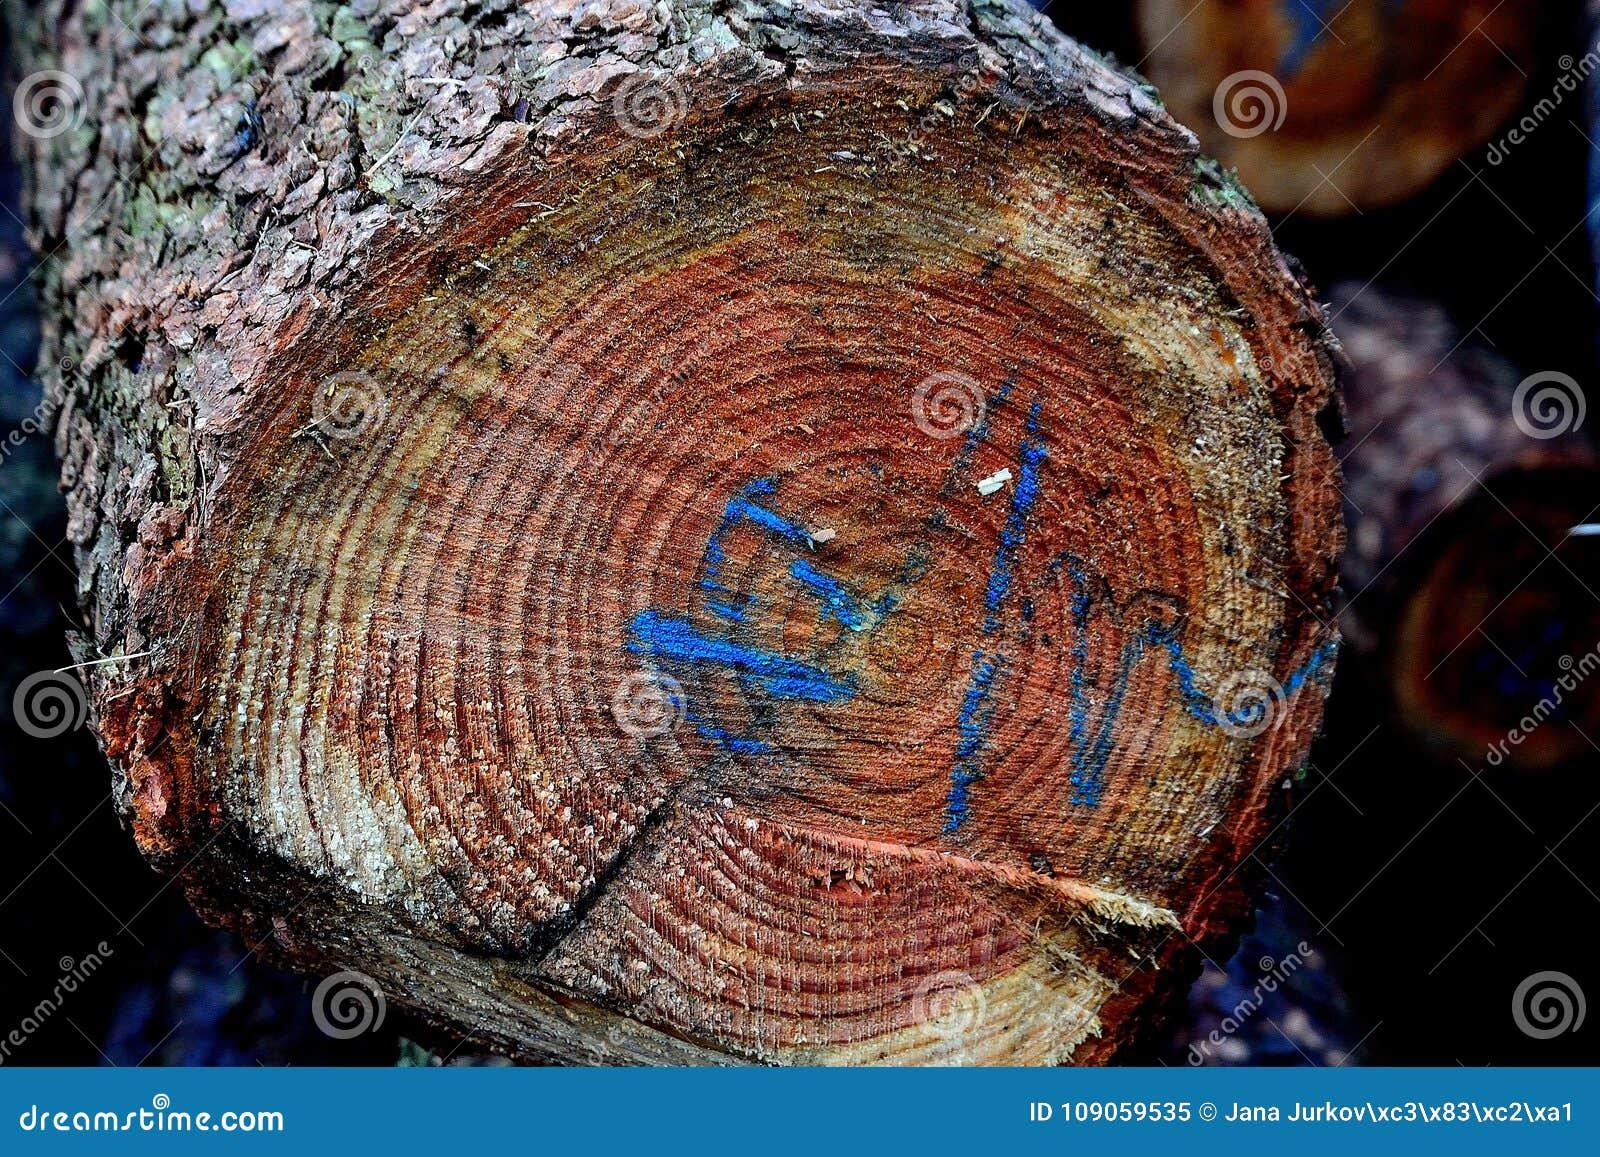 Hotat träd med den blåa beskrivningen, detalj, snitt, främre sikt, foto